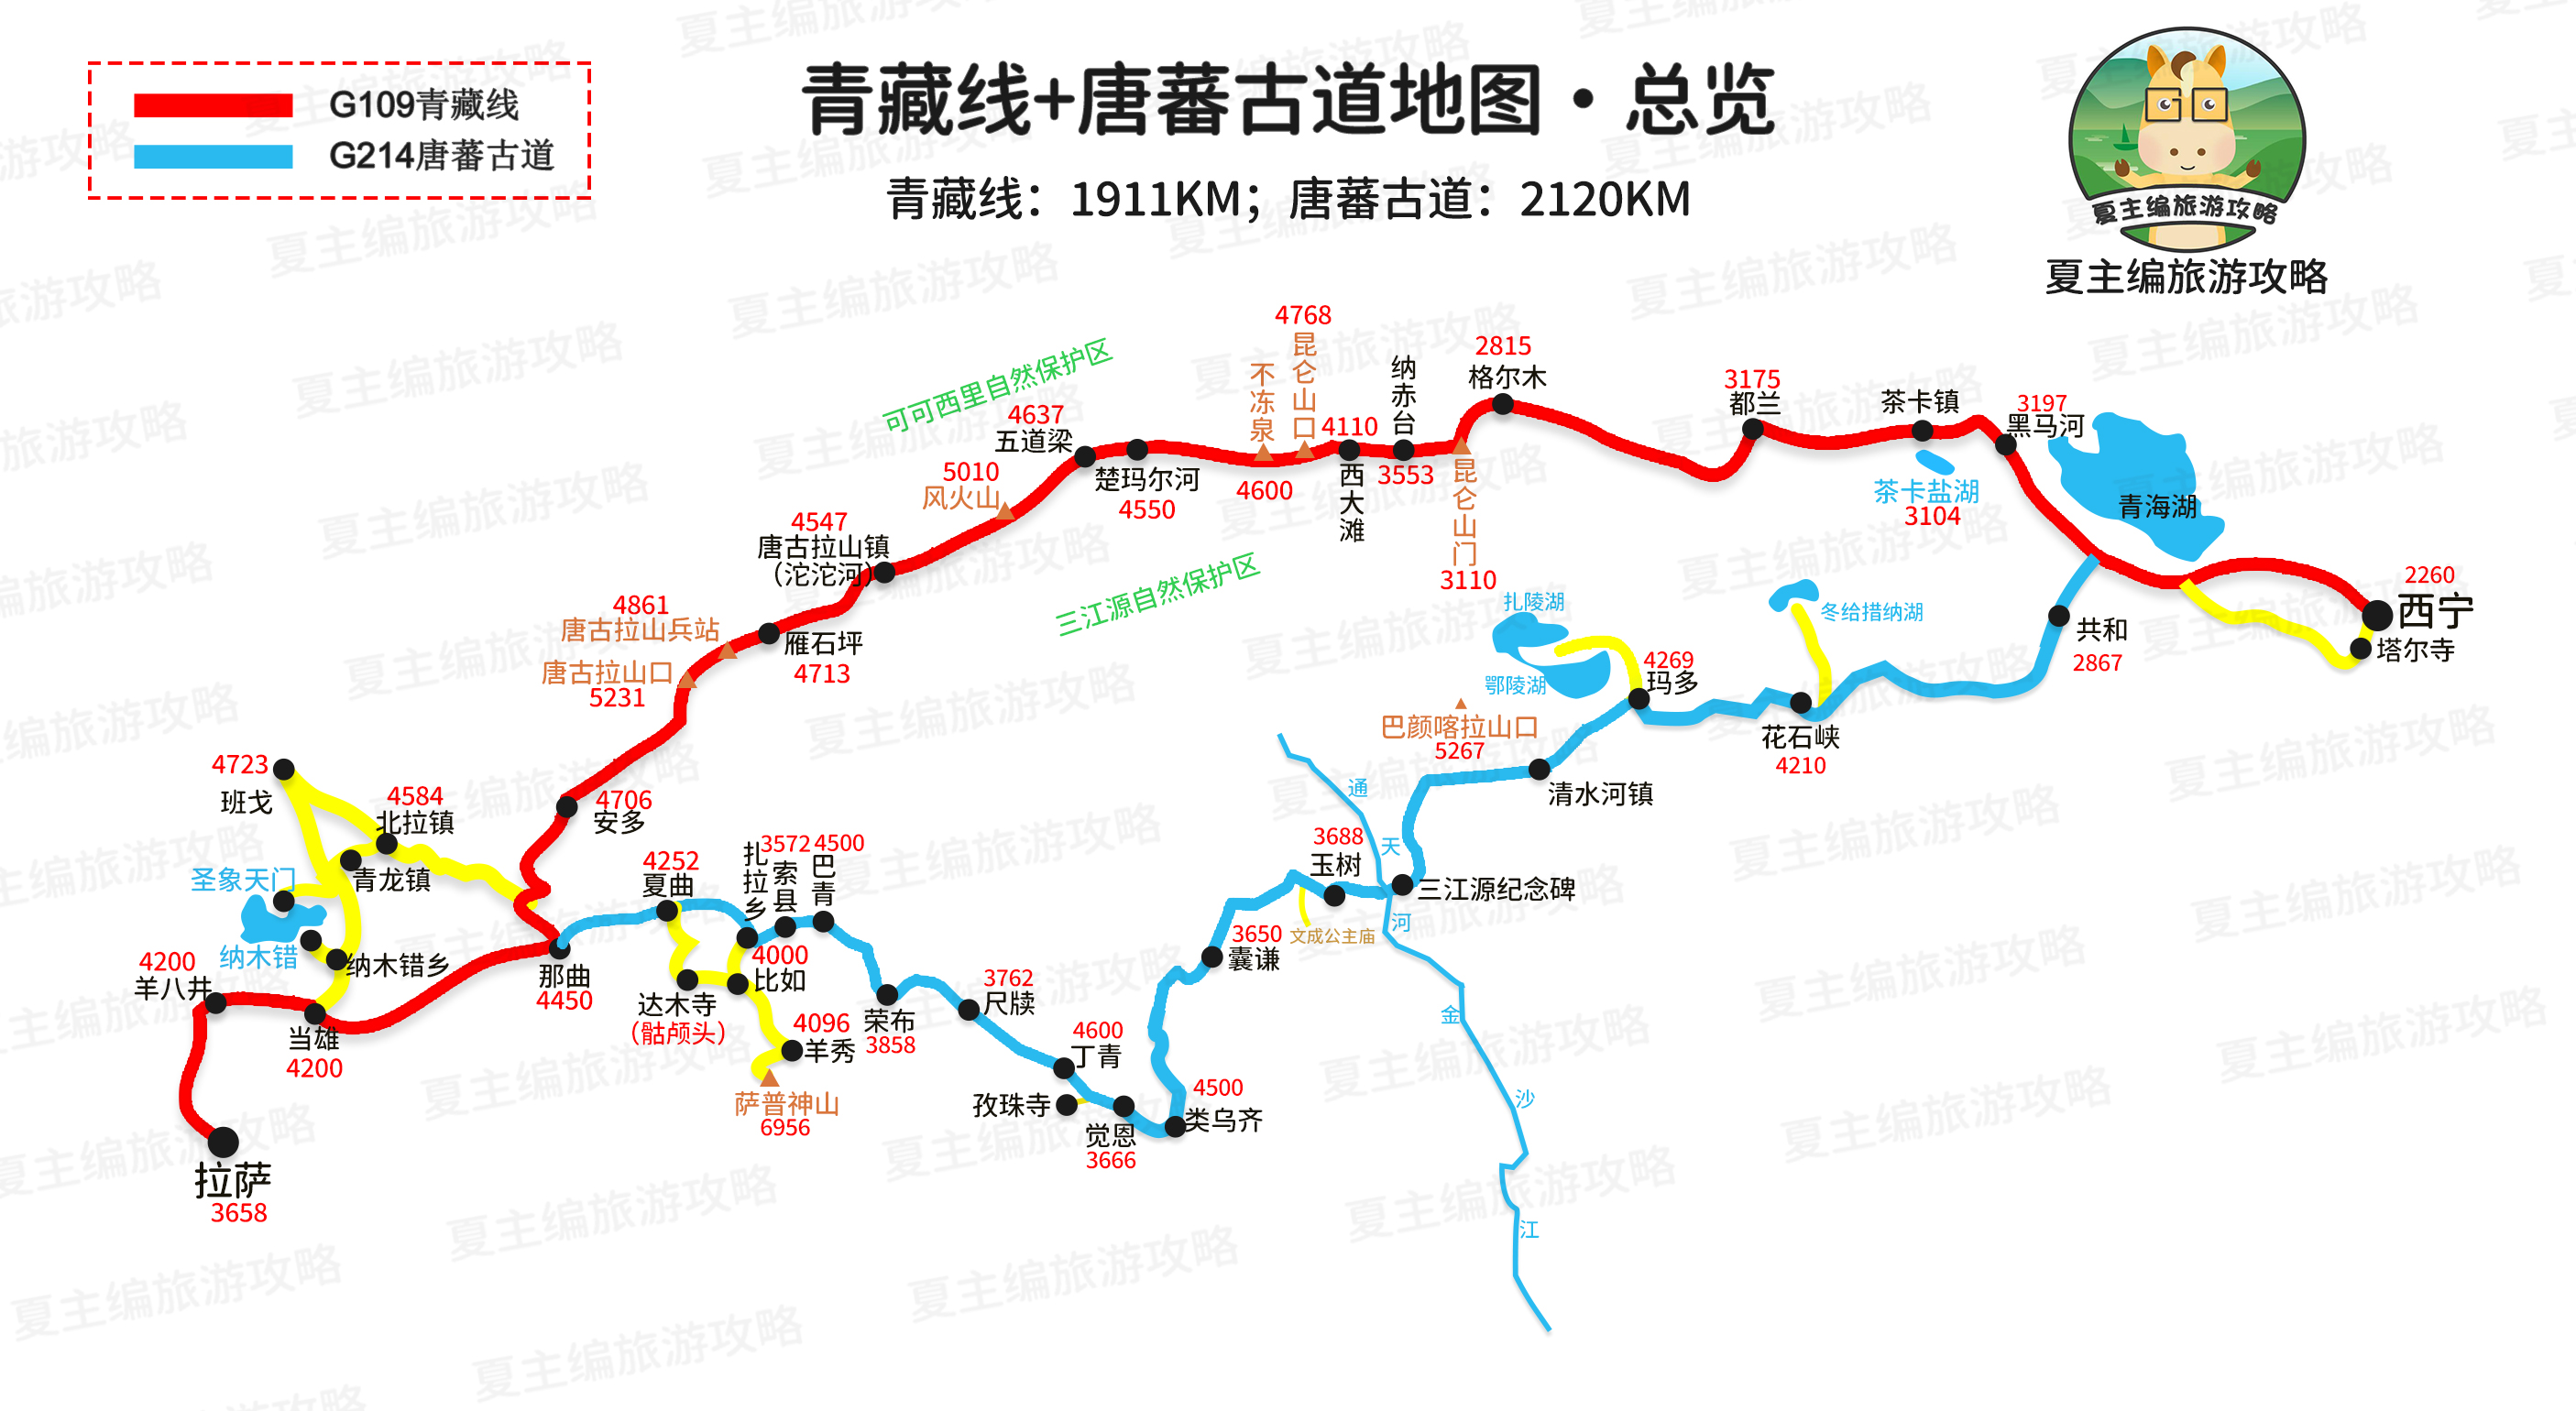 超高清地图,一图看懂川藏、青藏、新藏、滇藏线,不必再去查海拔